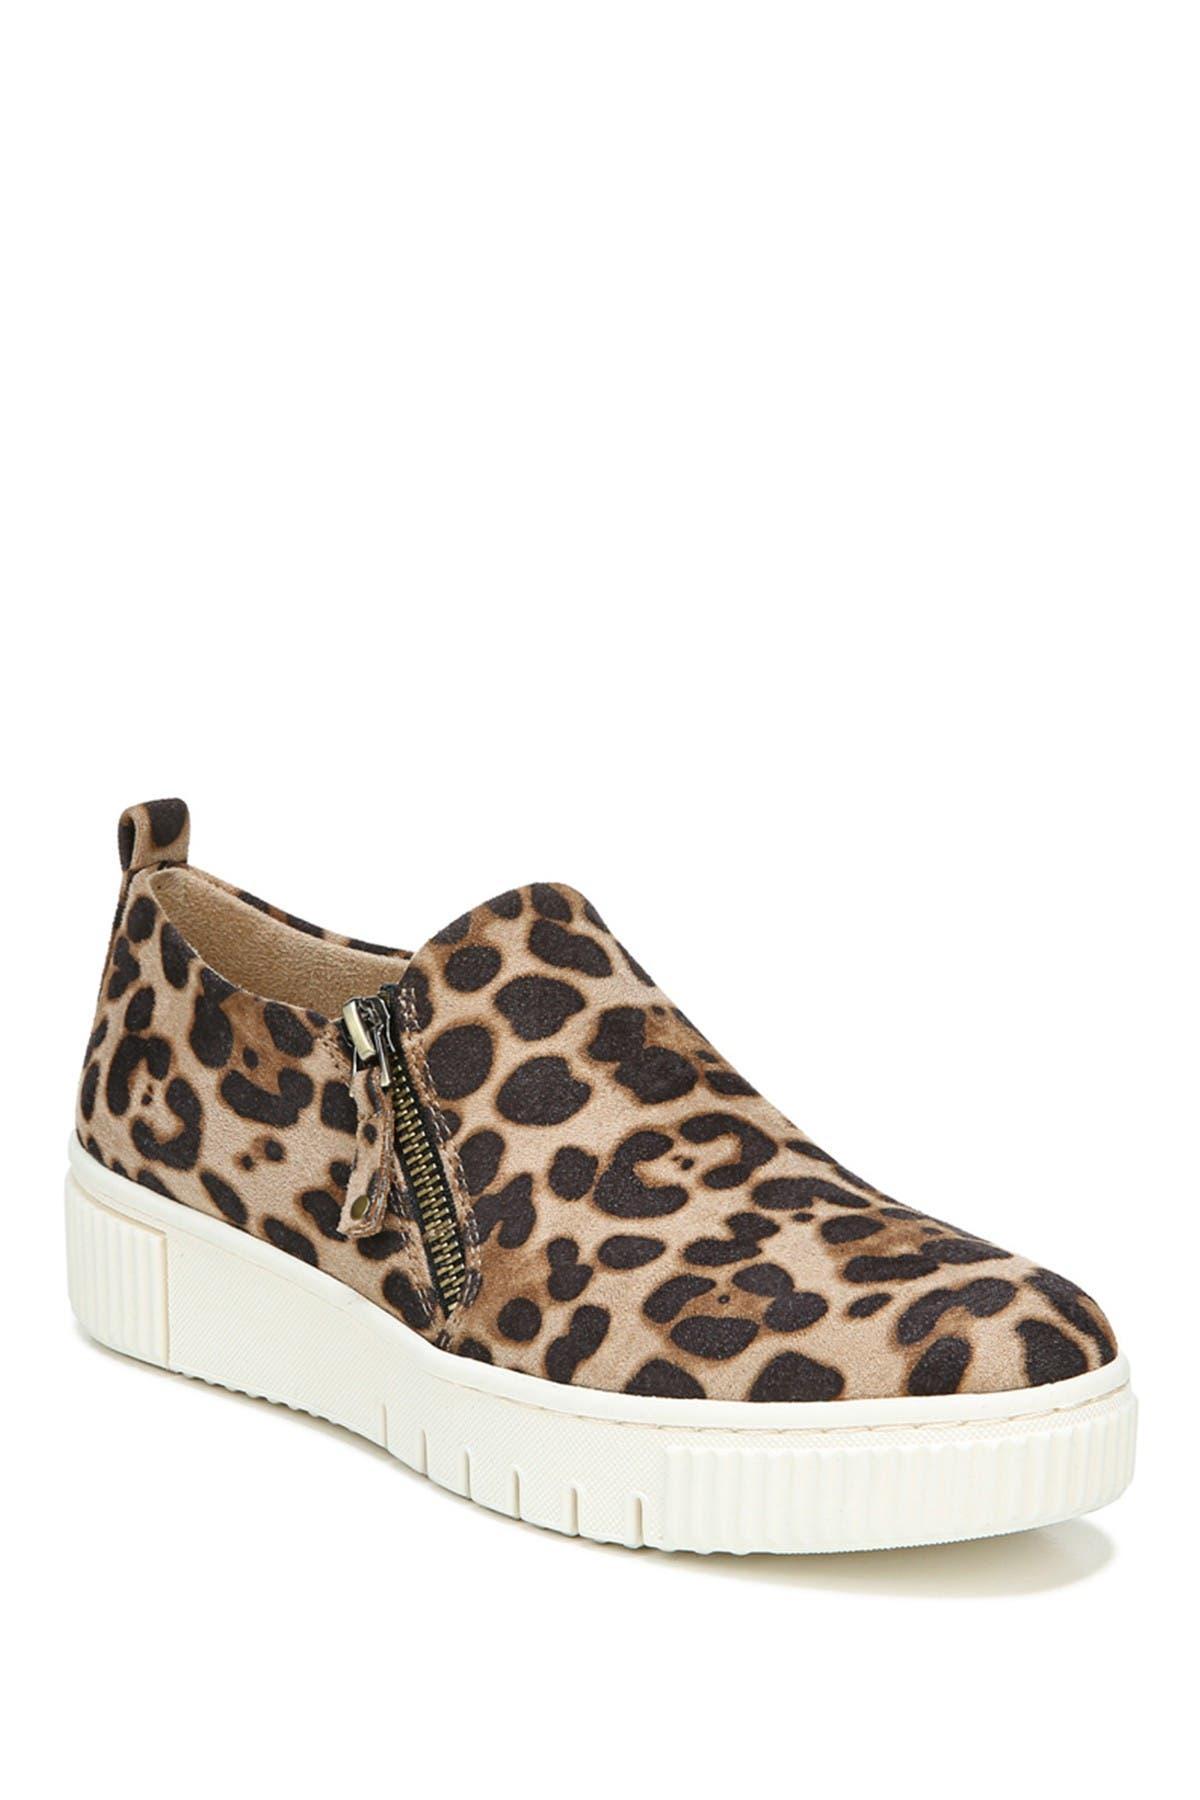 Image of SOUL Naturalizer Turner Cheetah Sneaker